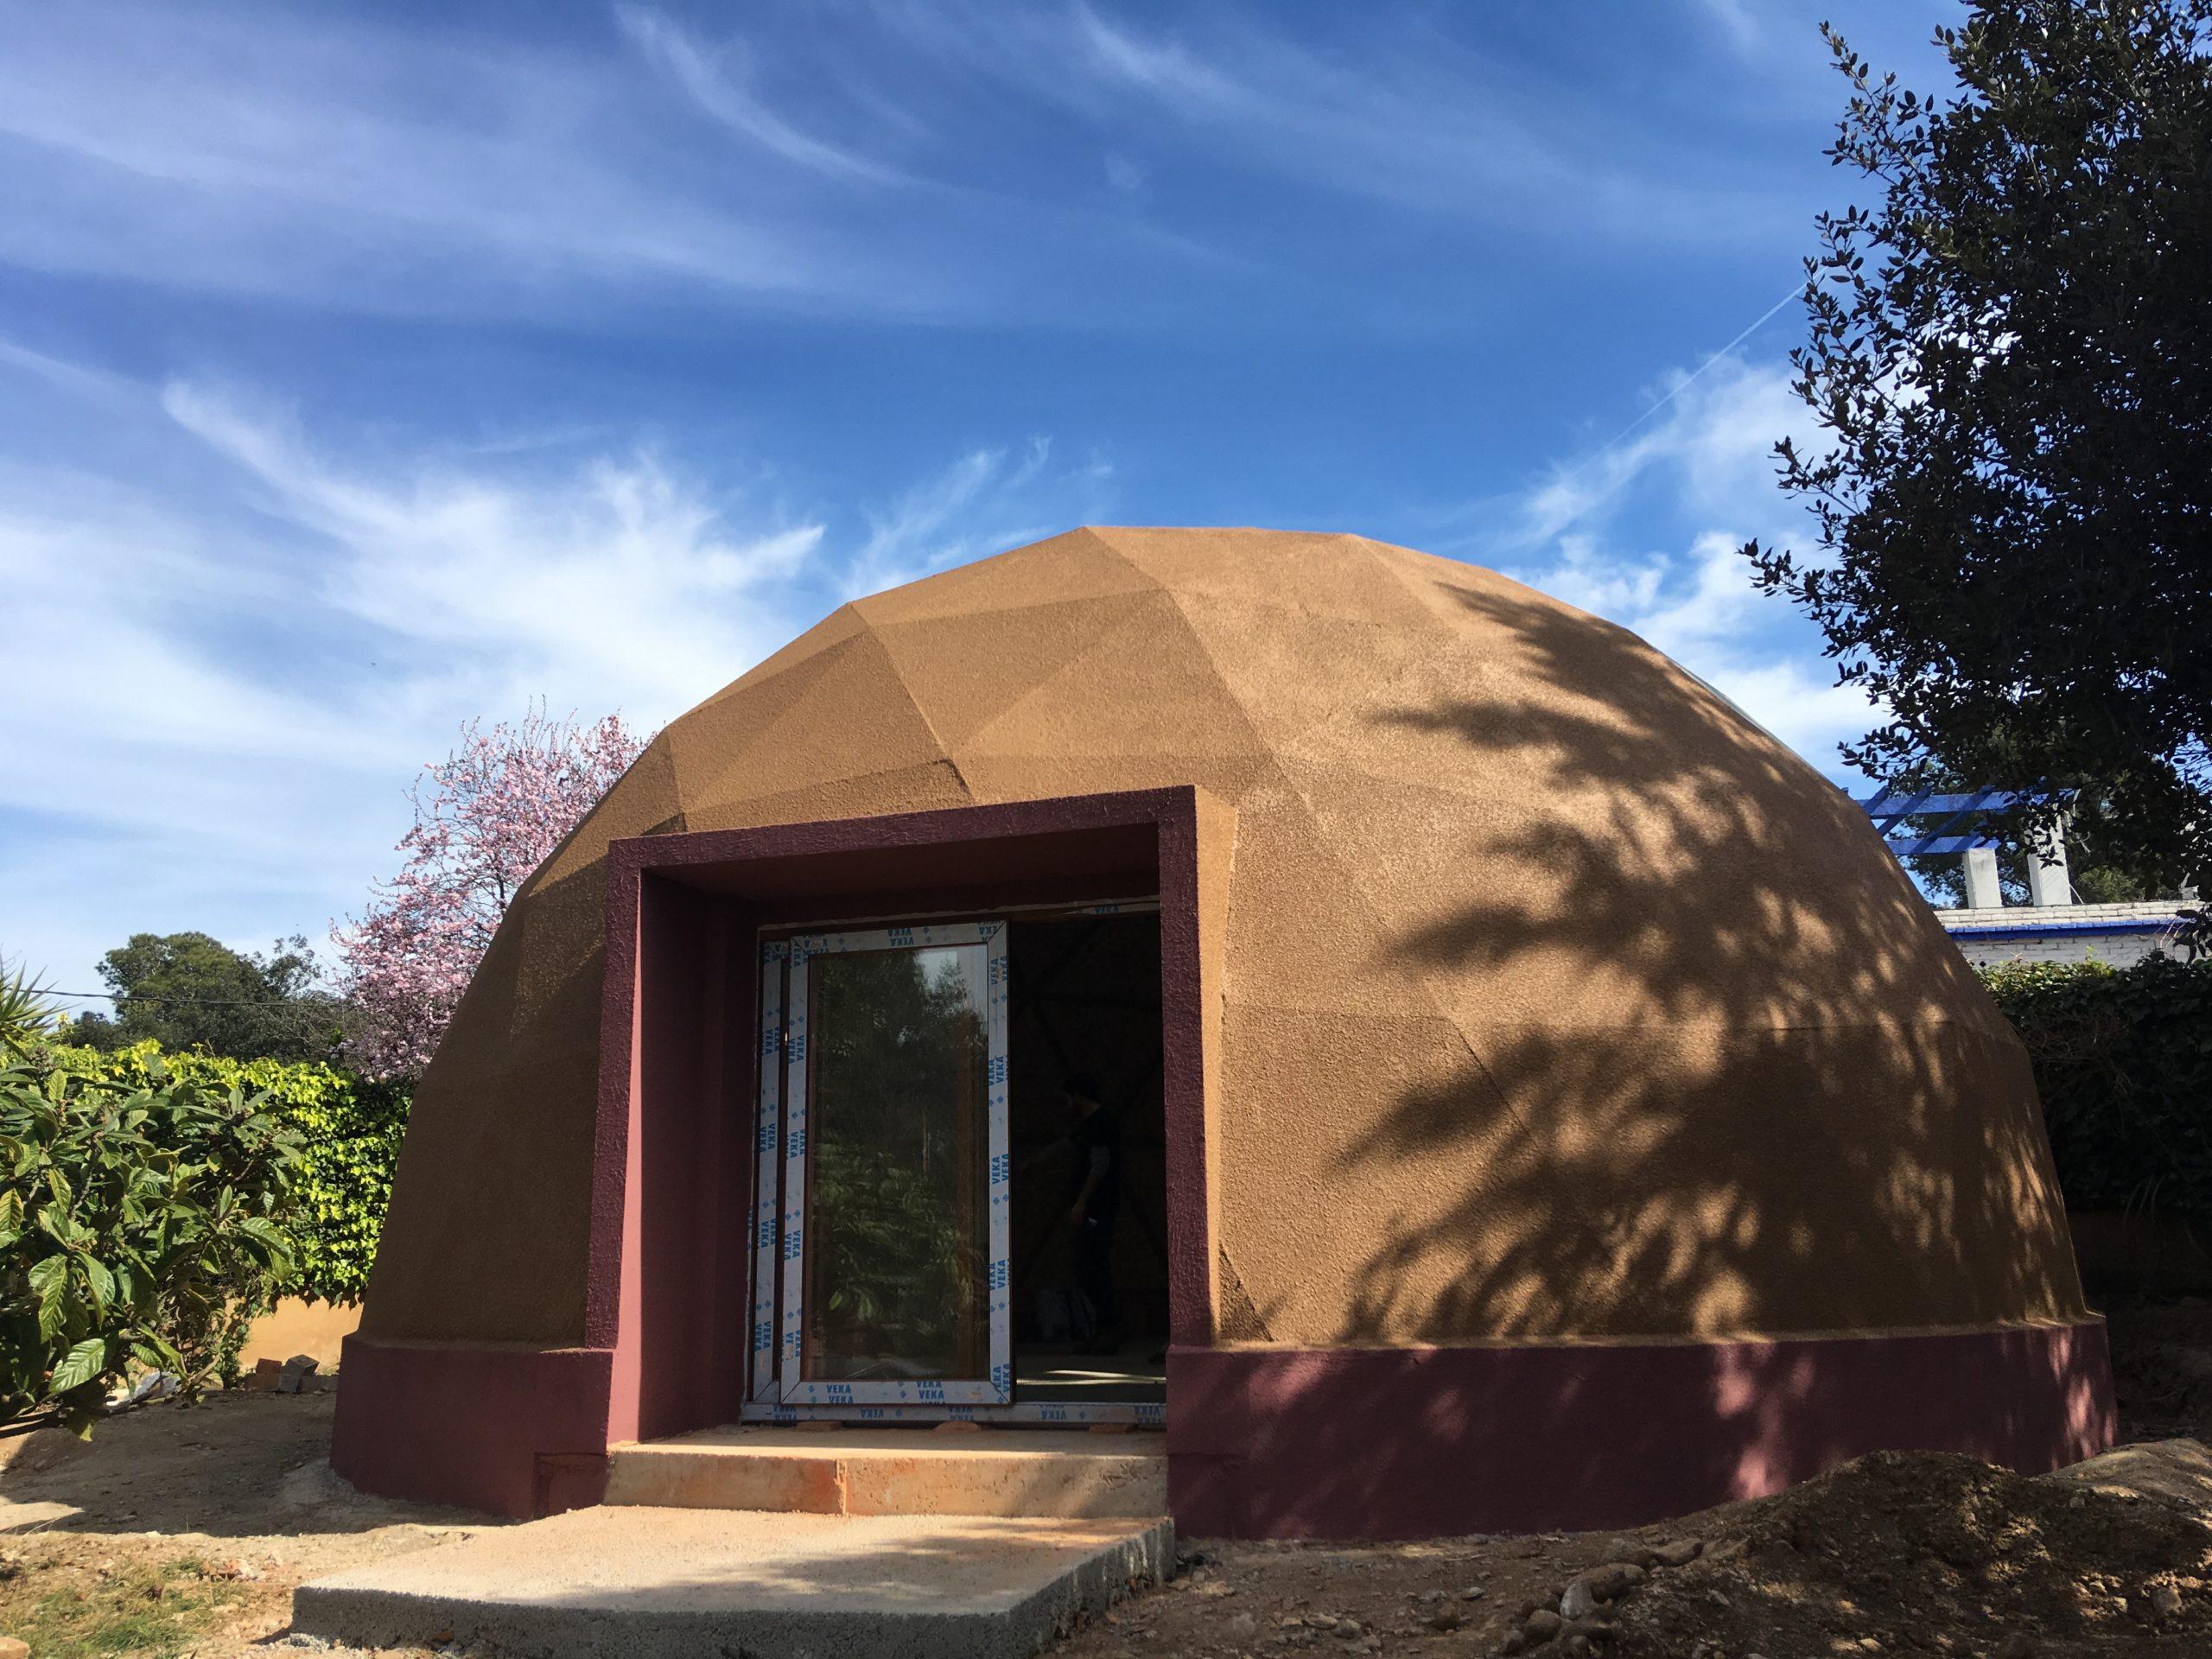 House Dome en Barcelona